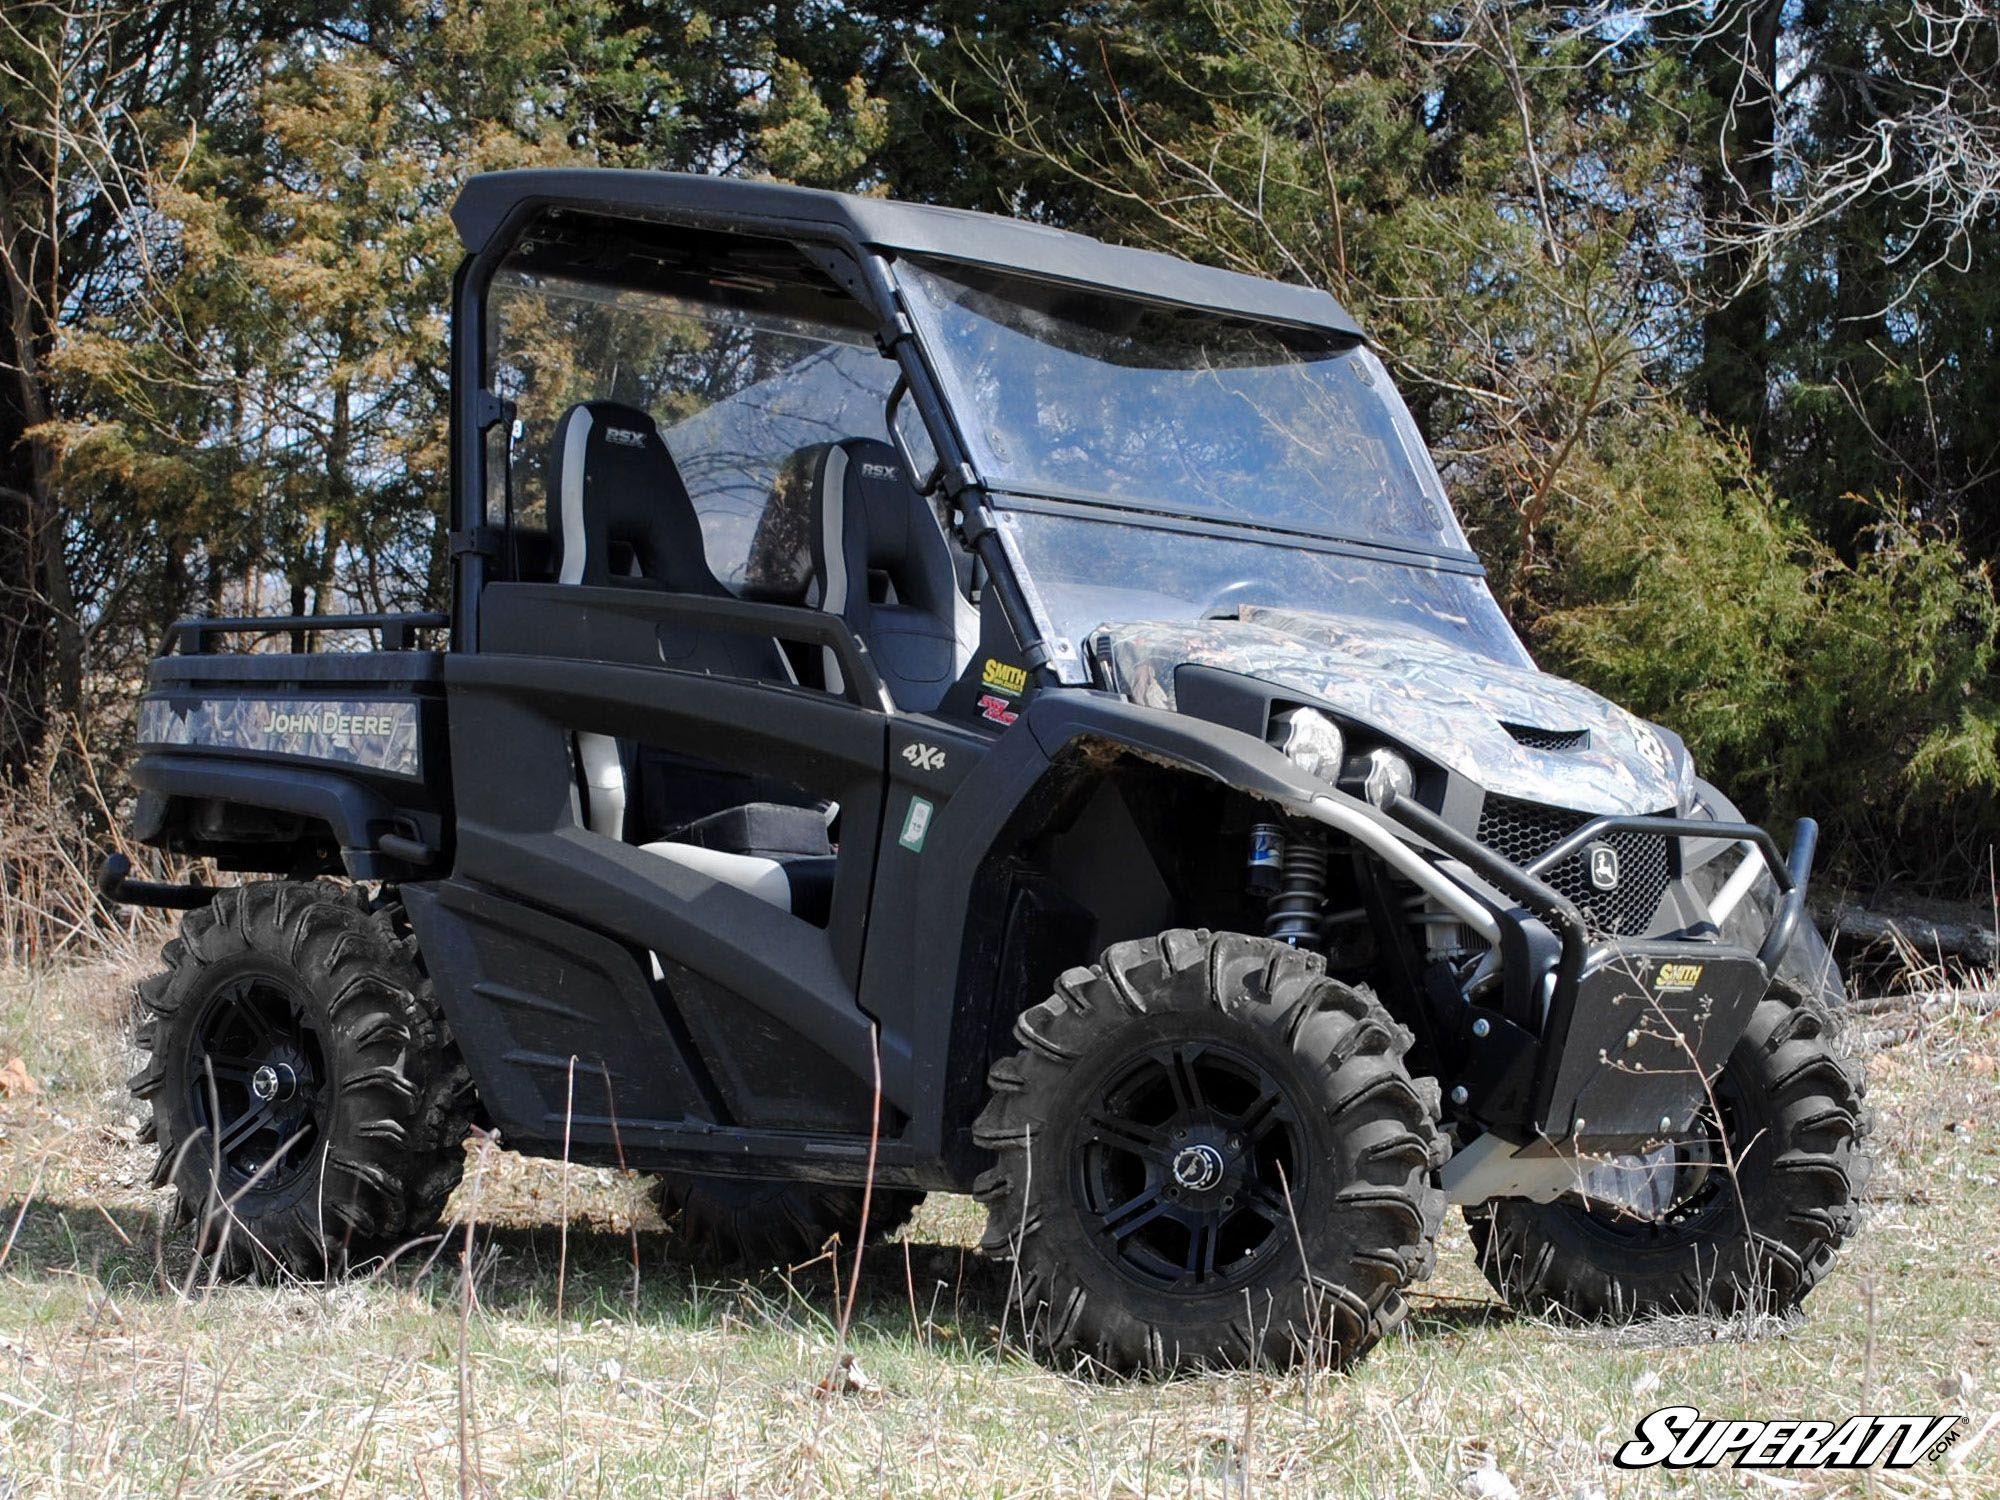 John Deere Gators >> Super Atv 2 Inch Lift Kit For John Deere Gator Rsx